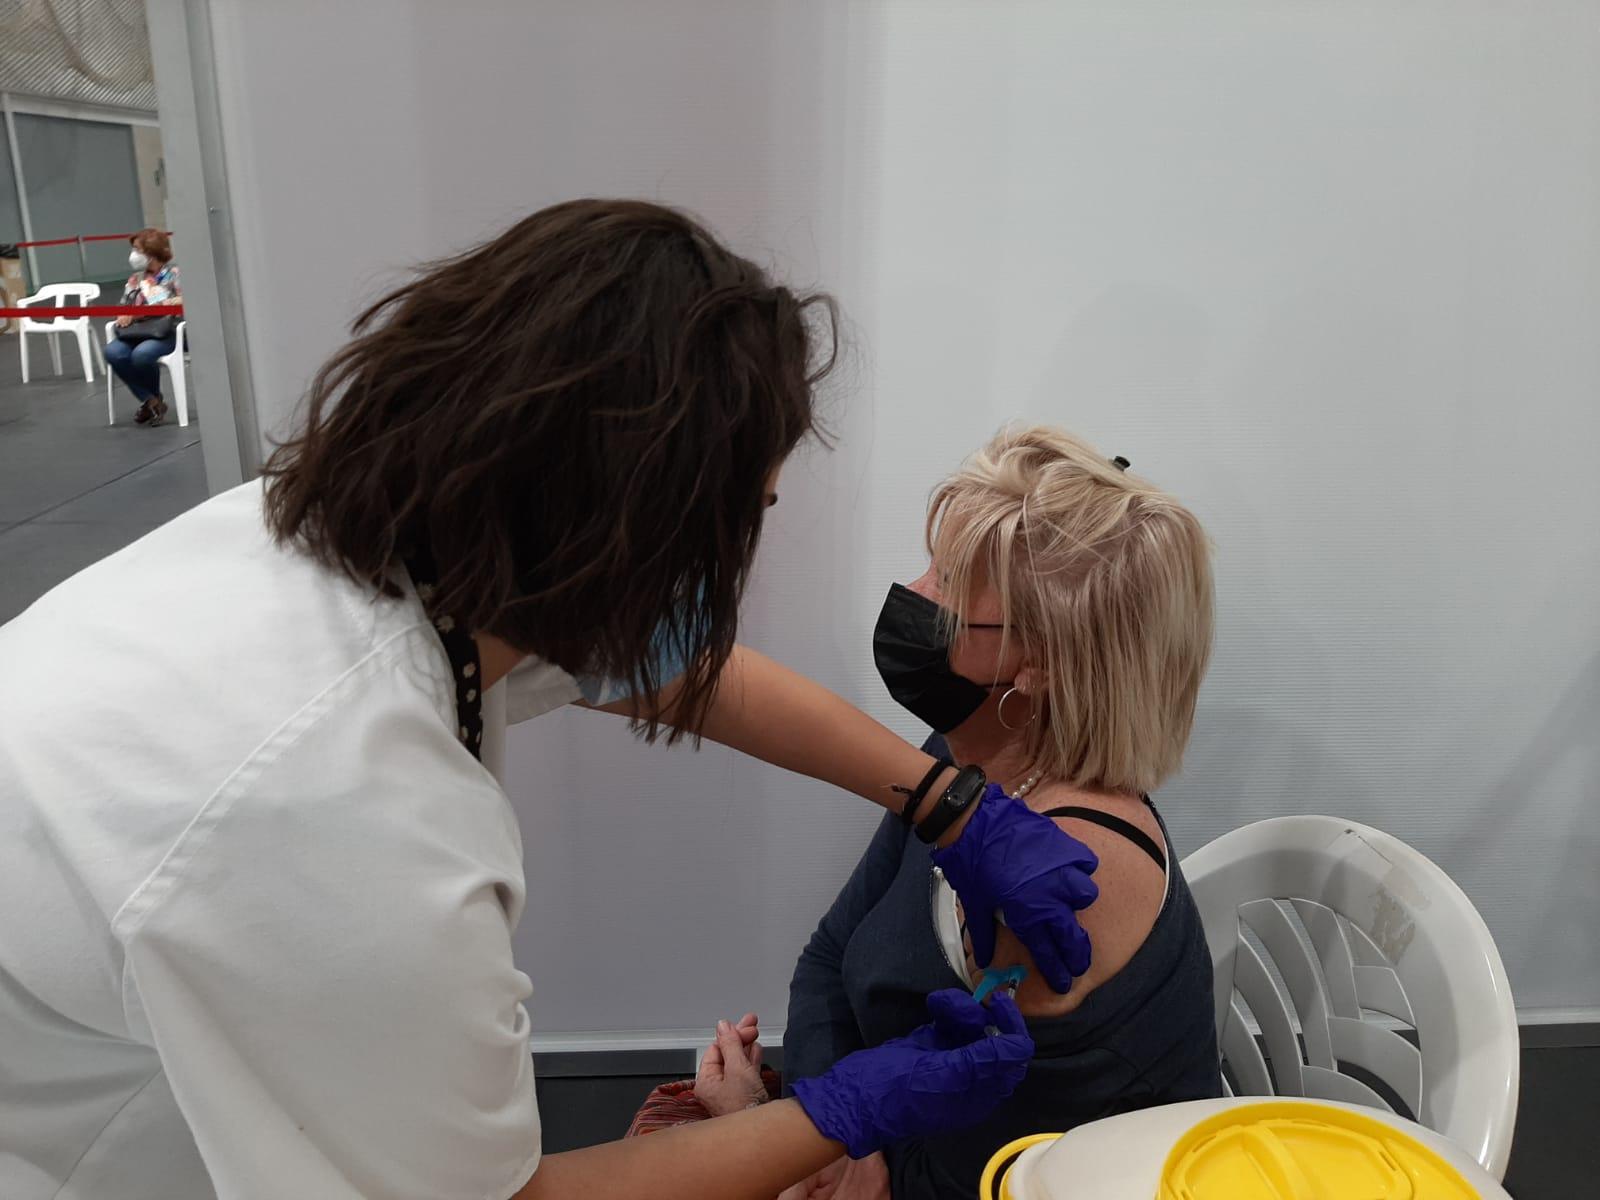 Sanitat ampliarà a 124 els punts de vacunació contra la COVID-19 a la Comunitat Valenciana